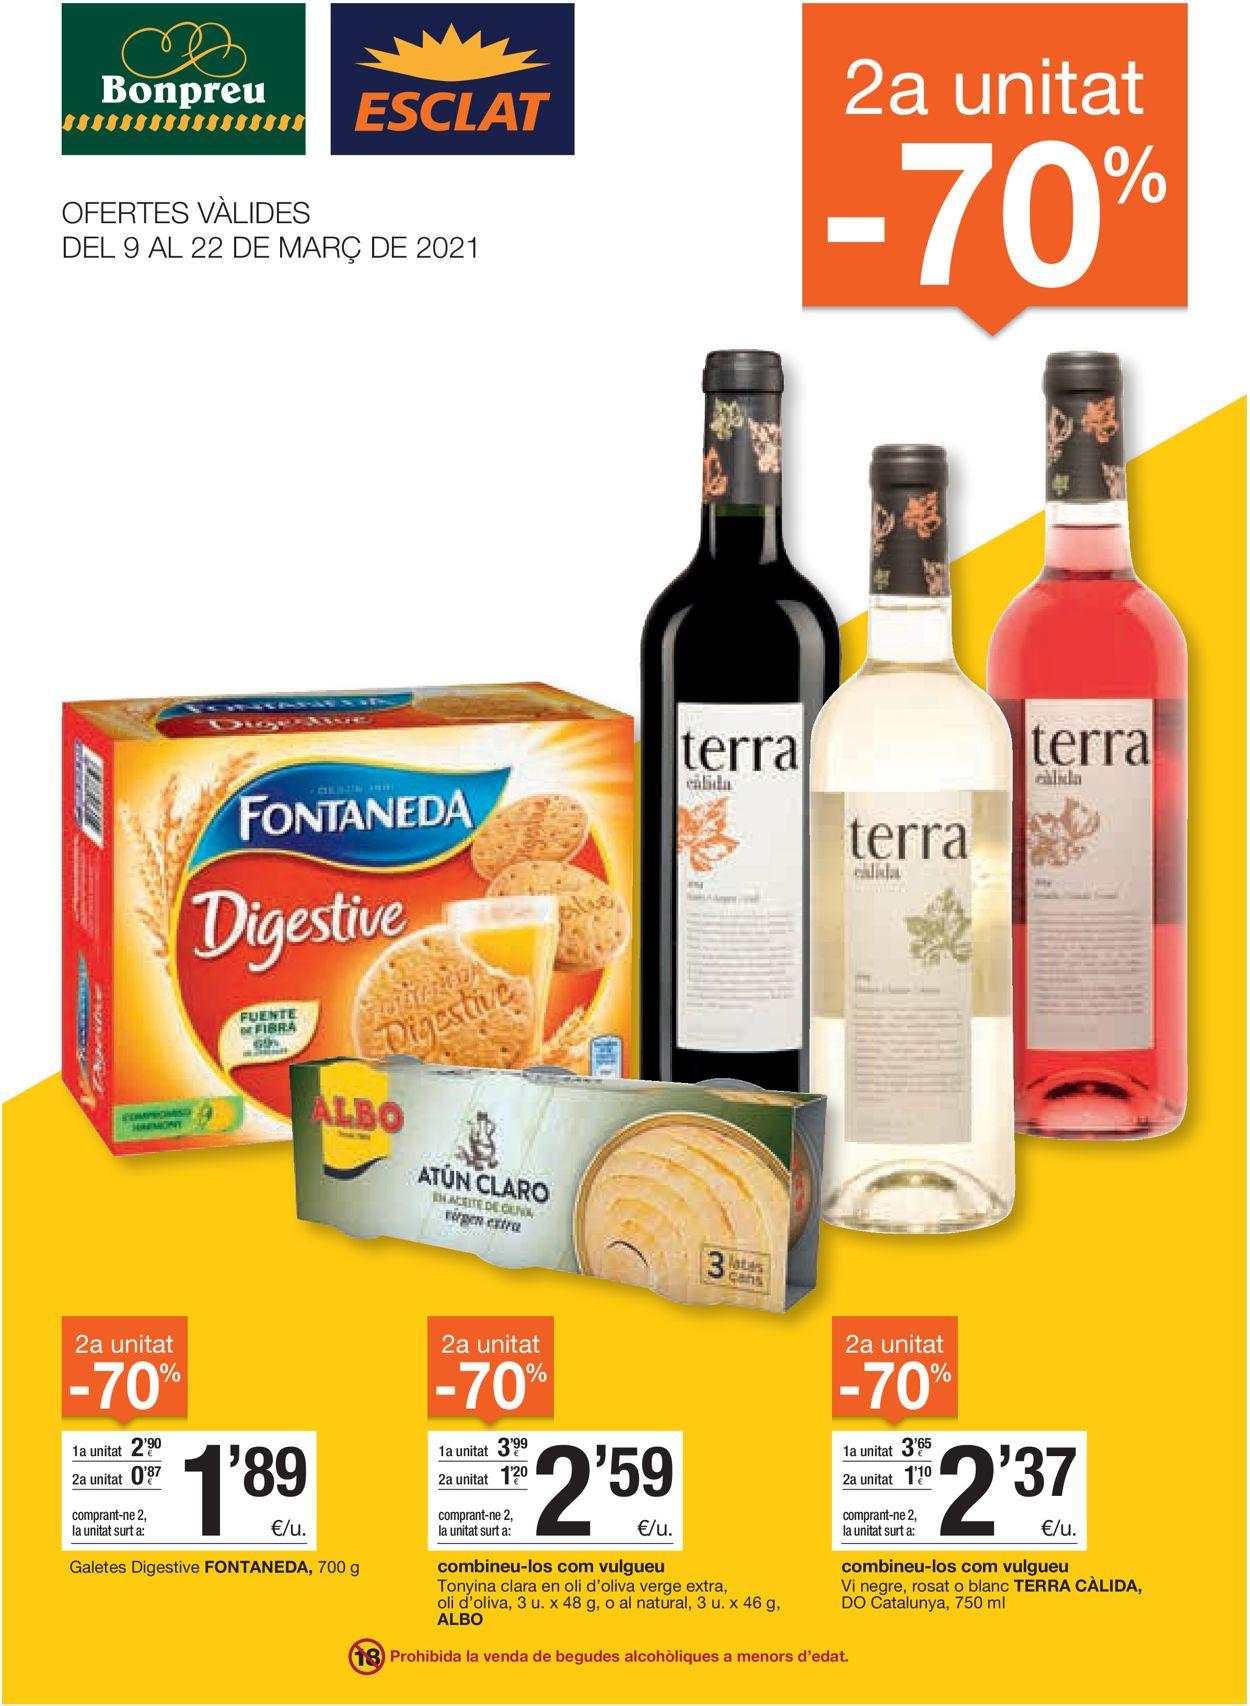 Bonpreu Folleto - 09.03-22.03.2021